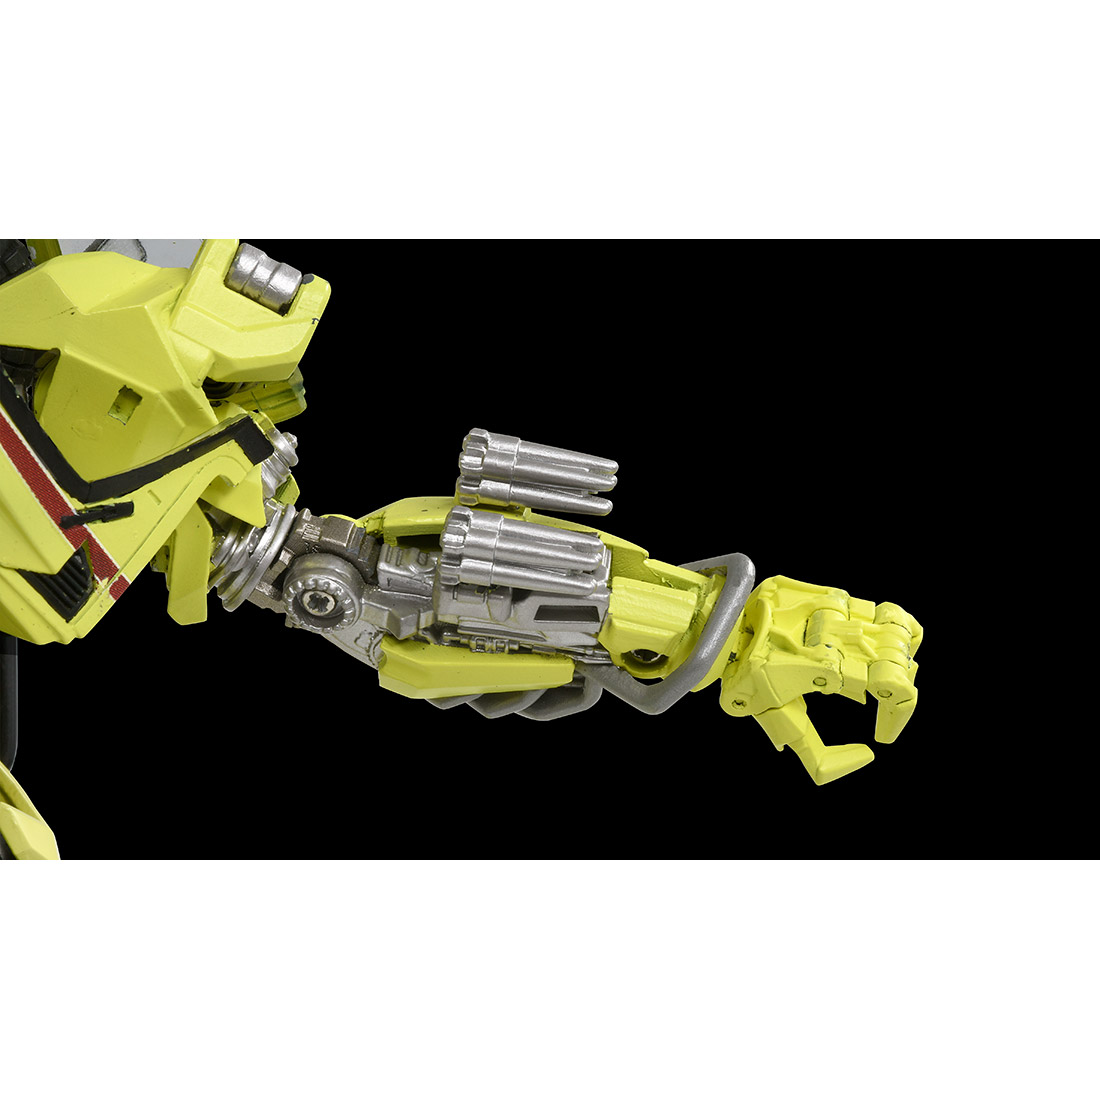 マスターピースムービー『MPM-11 ラチェット』トランスフォーマー 可変可動フィギュア-008